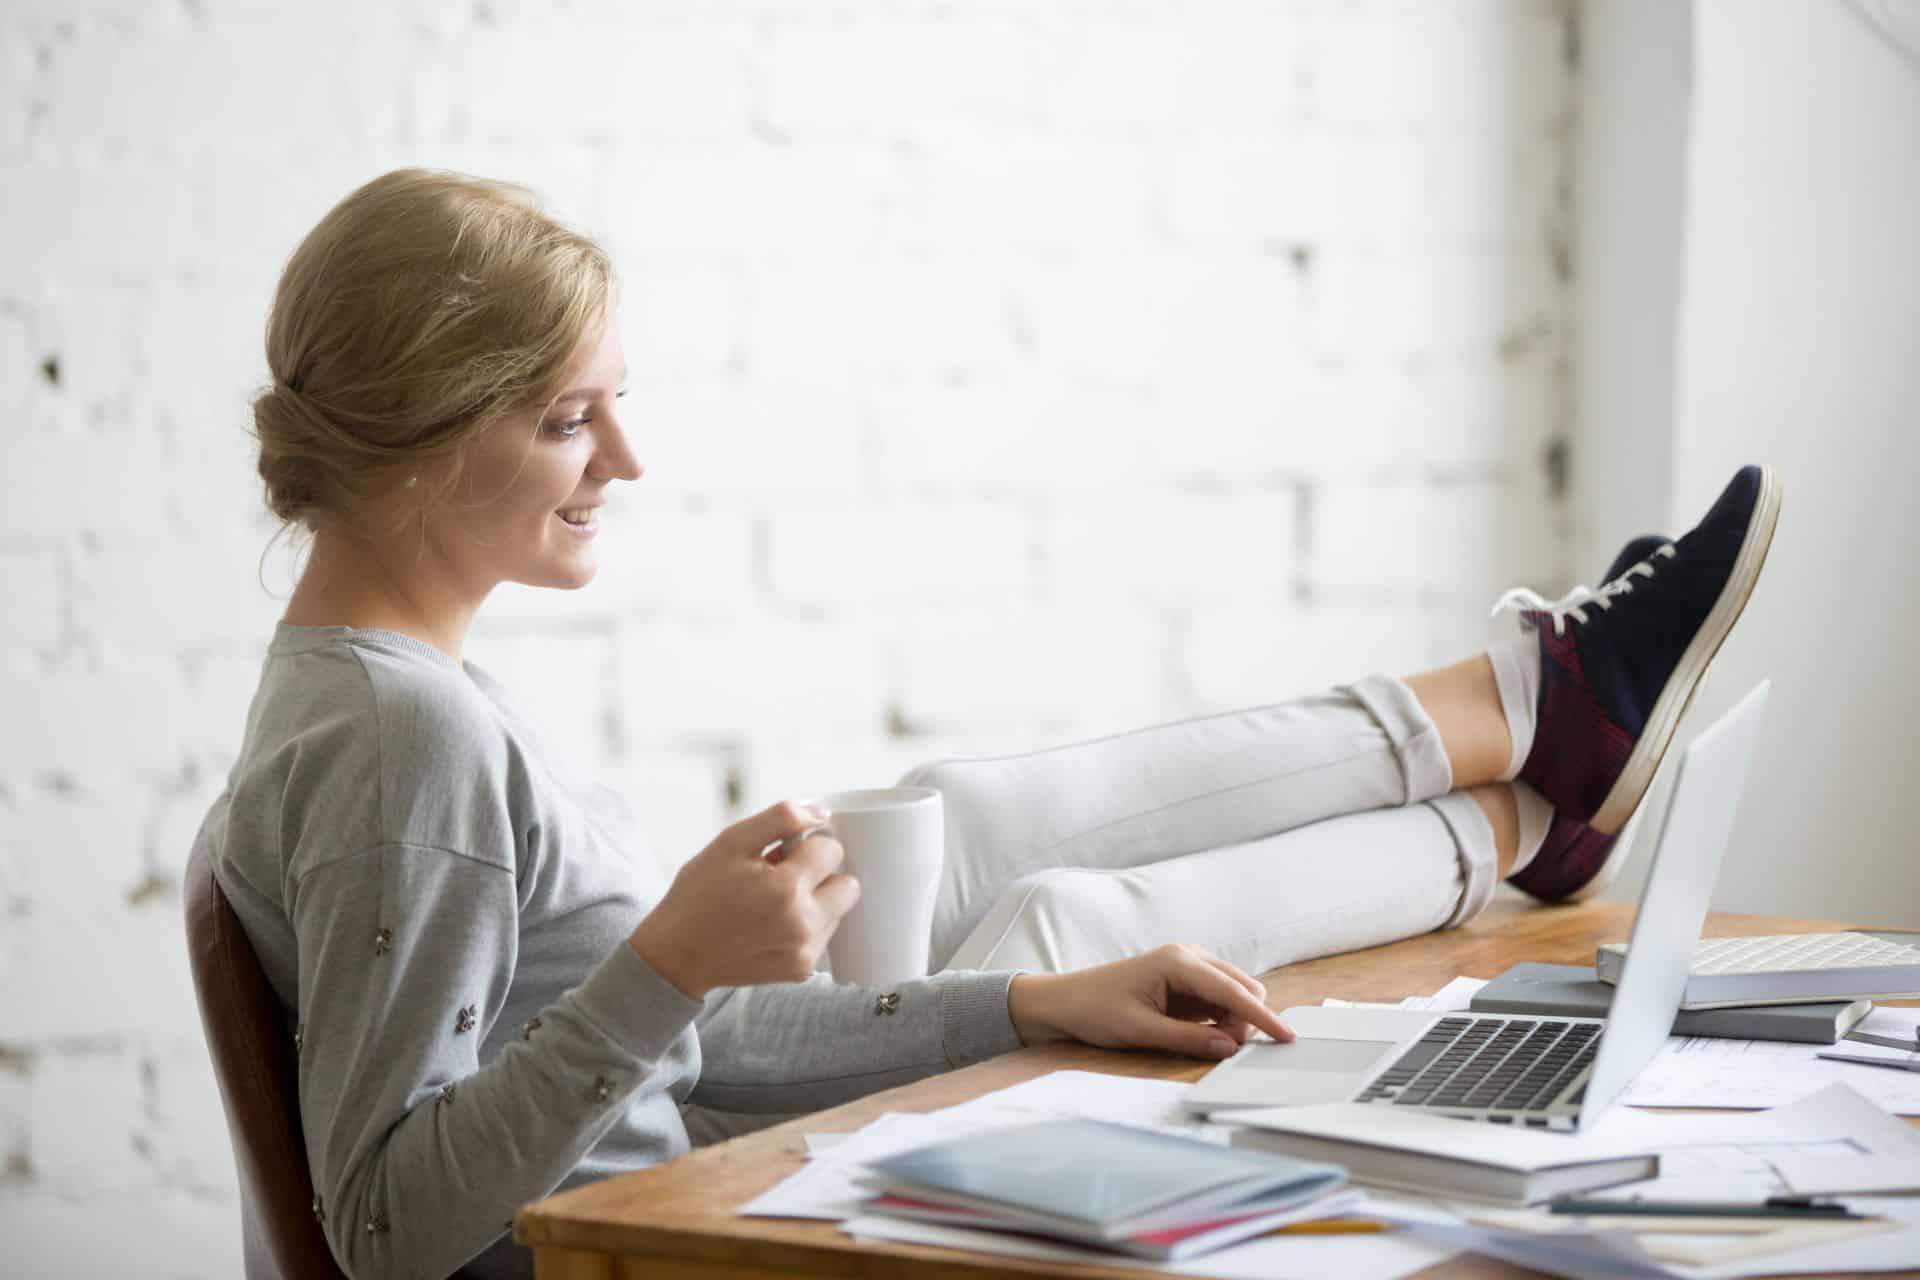 hogyan lehet pénzt keresni az irodában ülve)